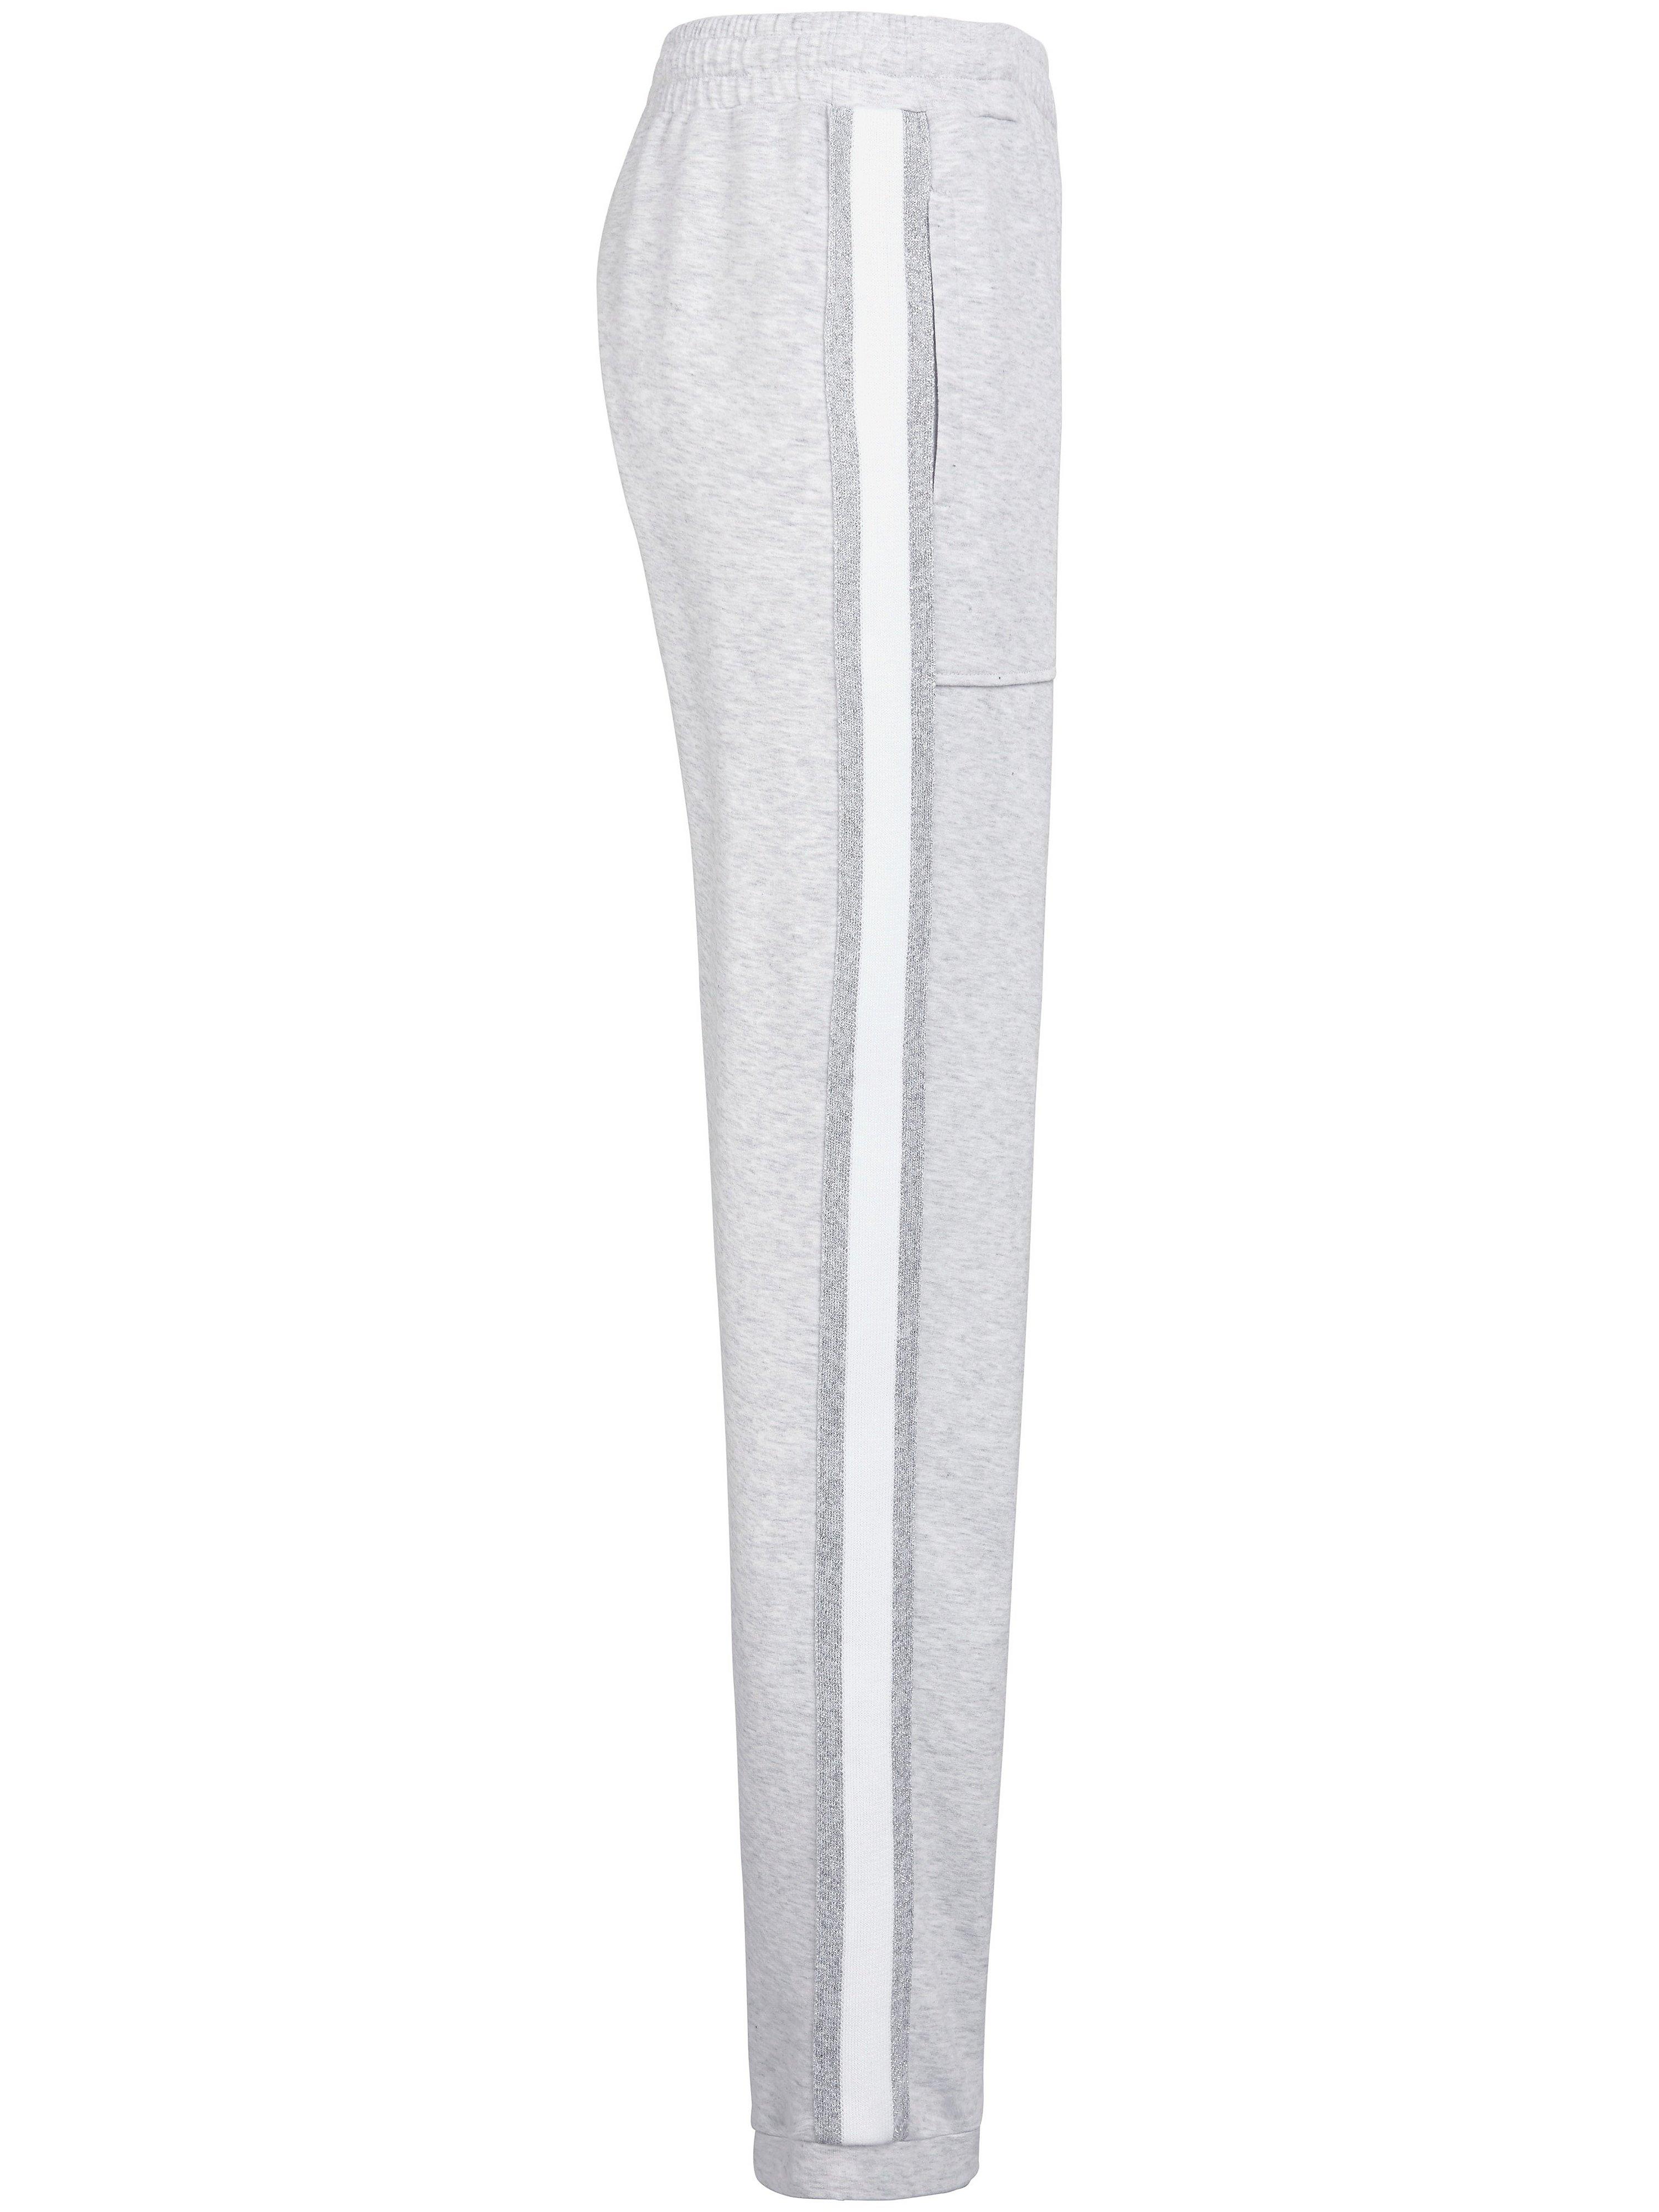 Sweatbuks elastisk linning Fra MYBC grå